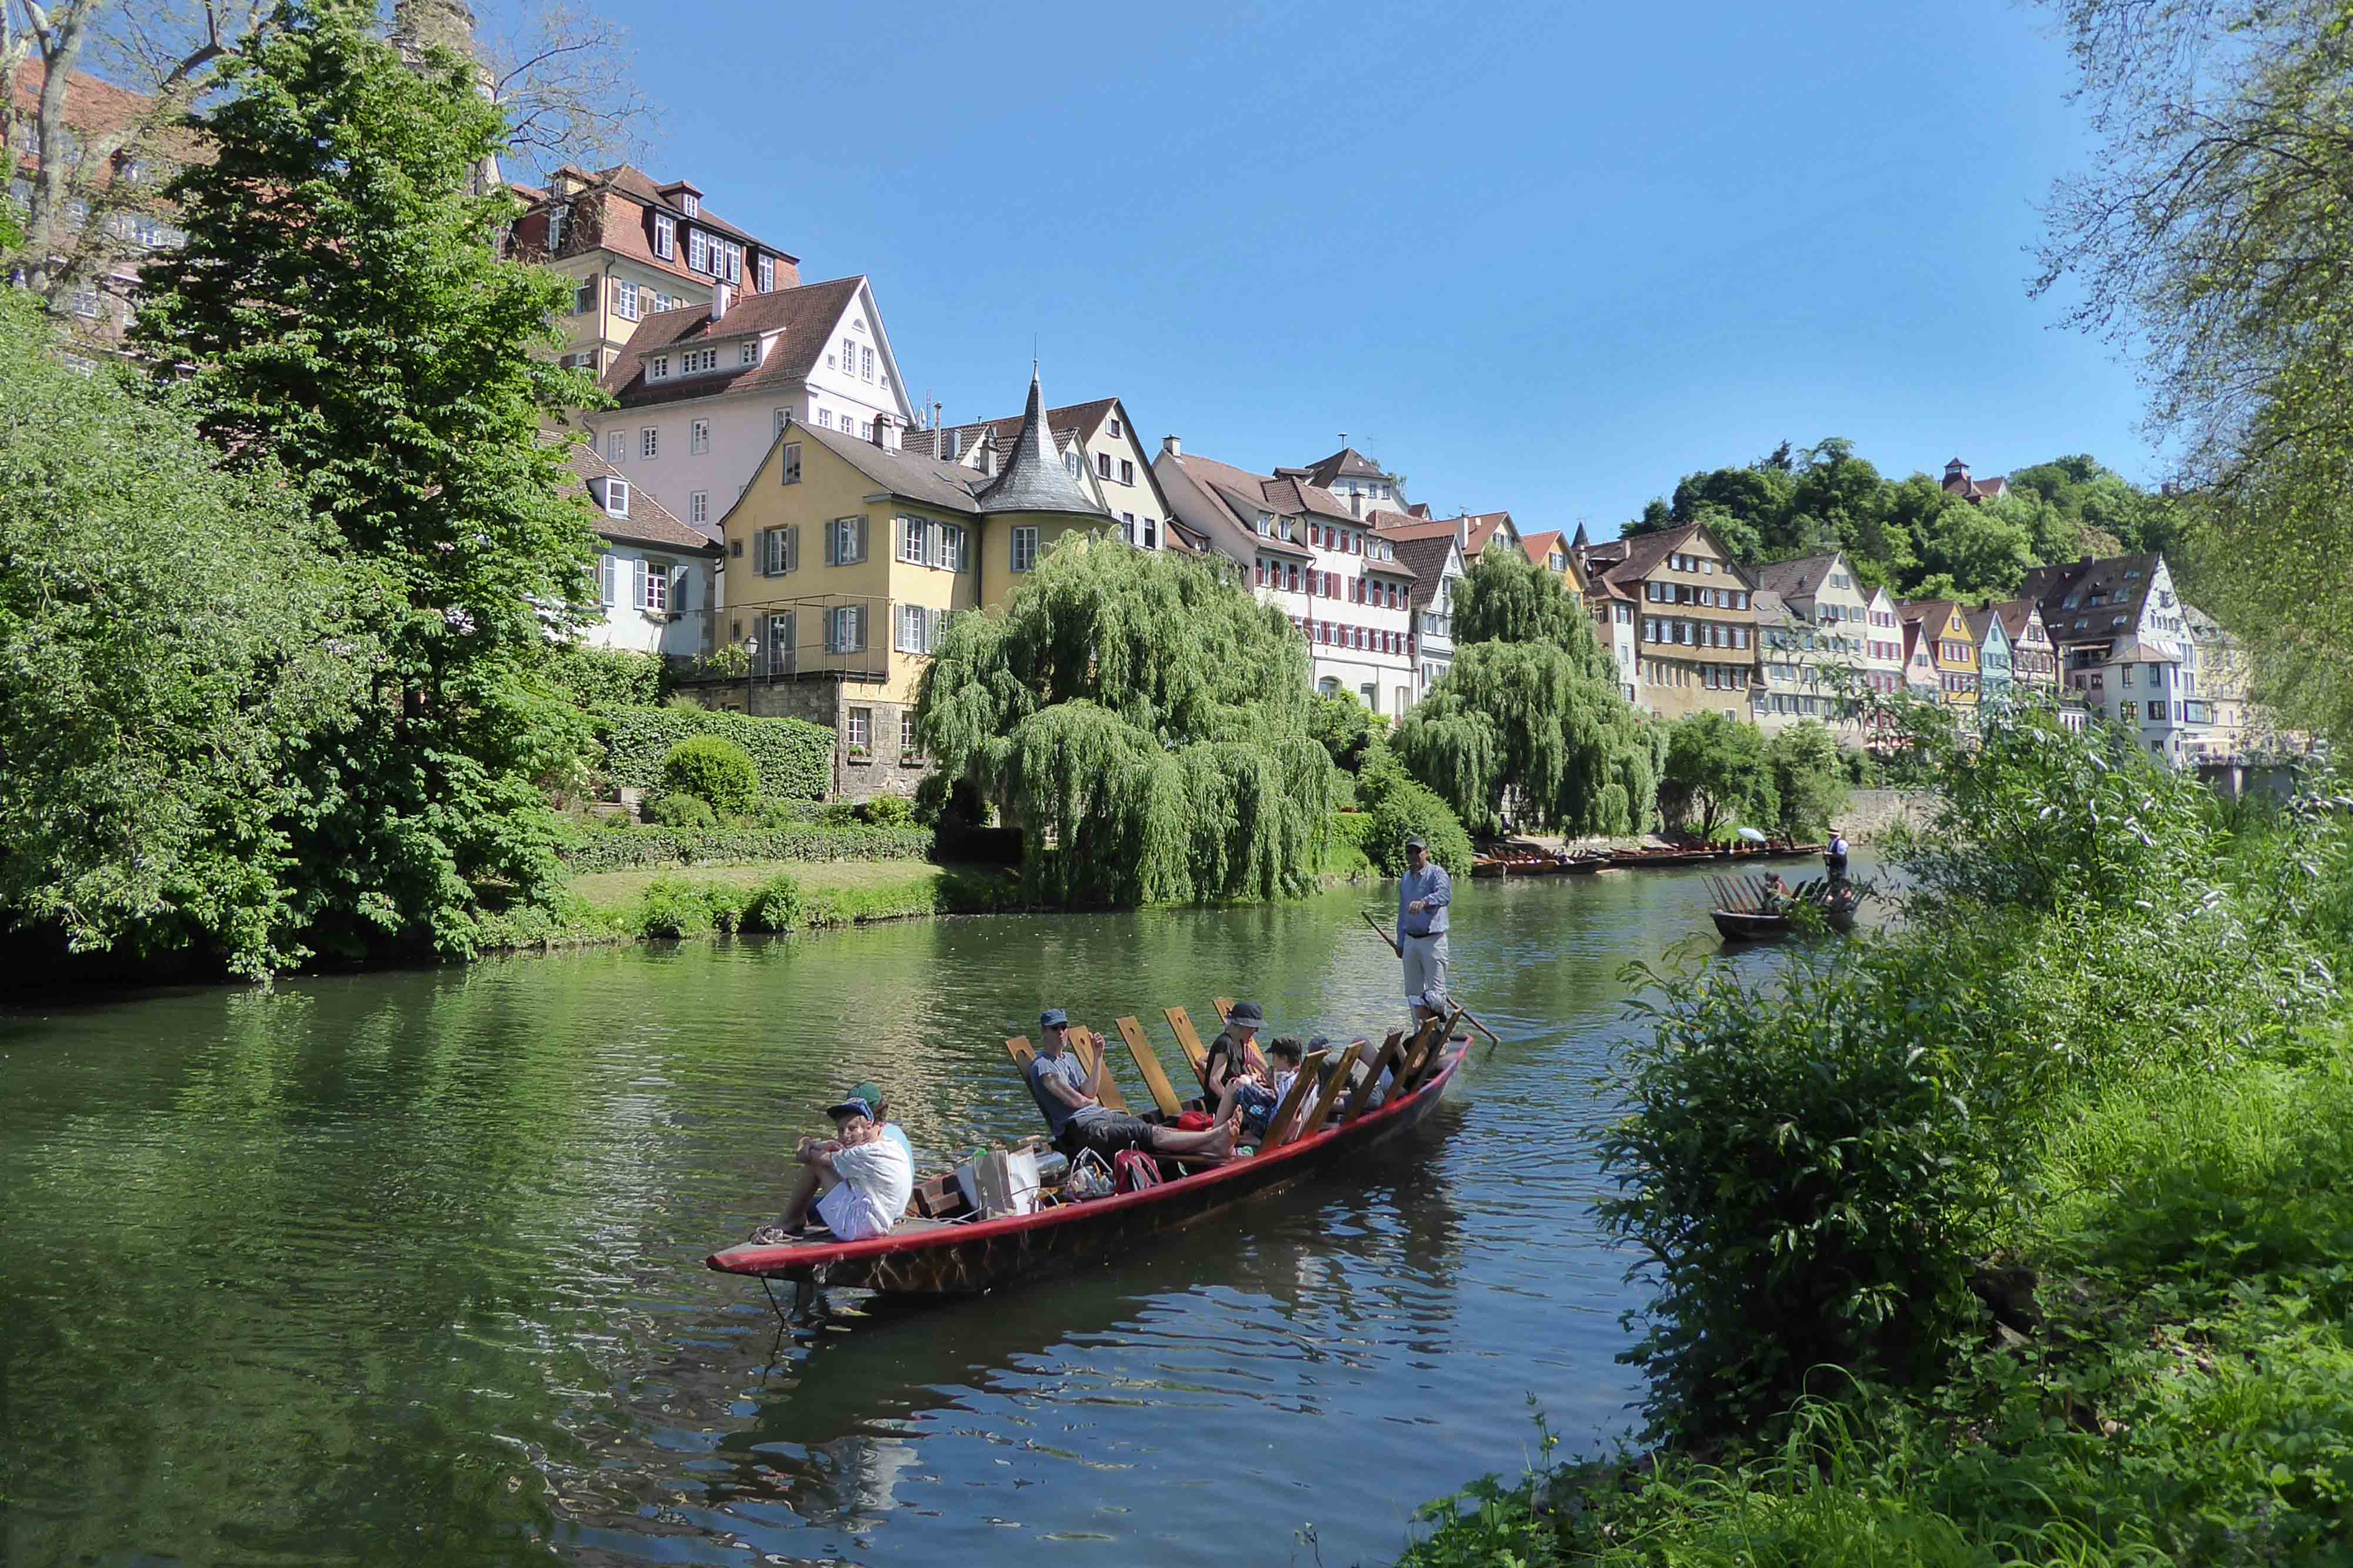 Stocherkahnfahren in Tübingen